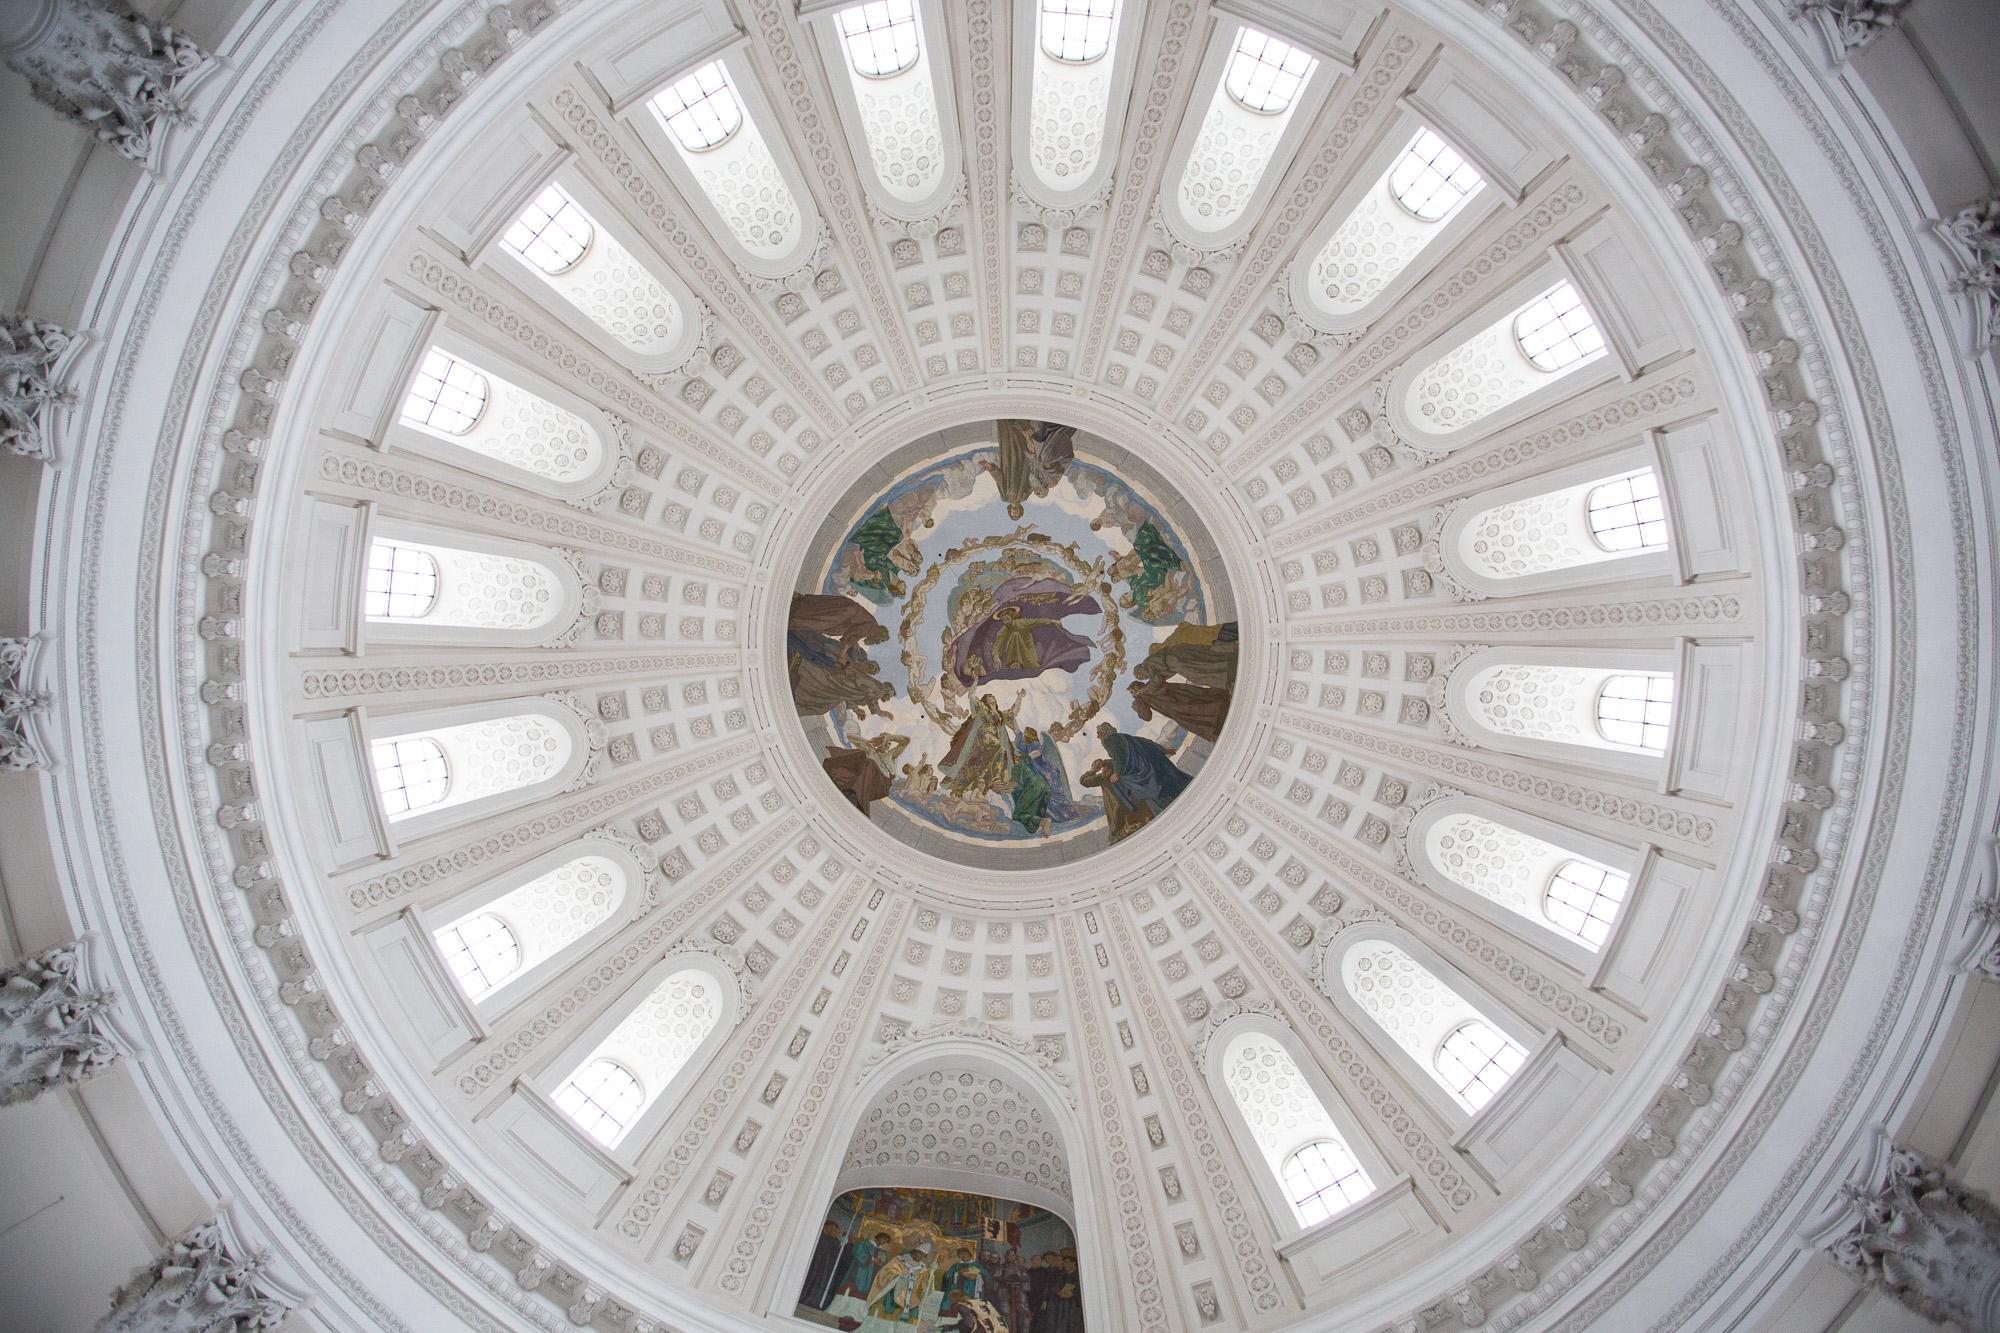 Die Deckenmalerei der Abteikirche des Klosters St. Blasien